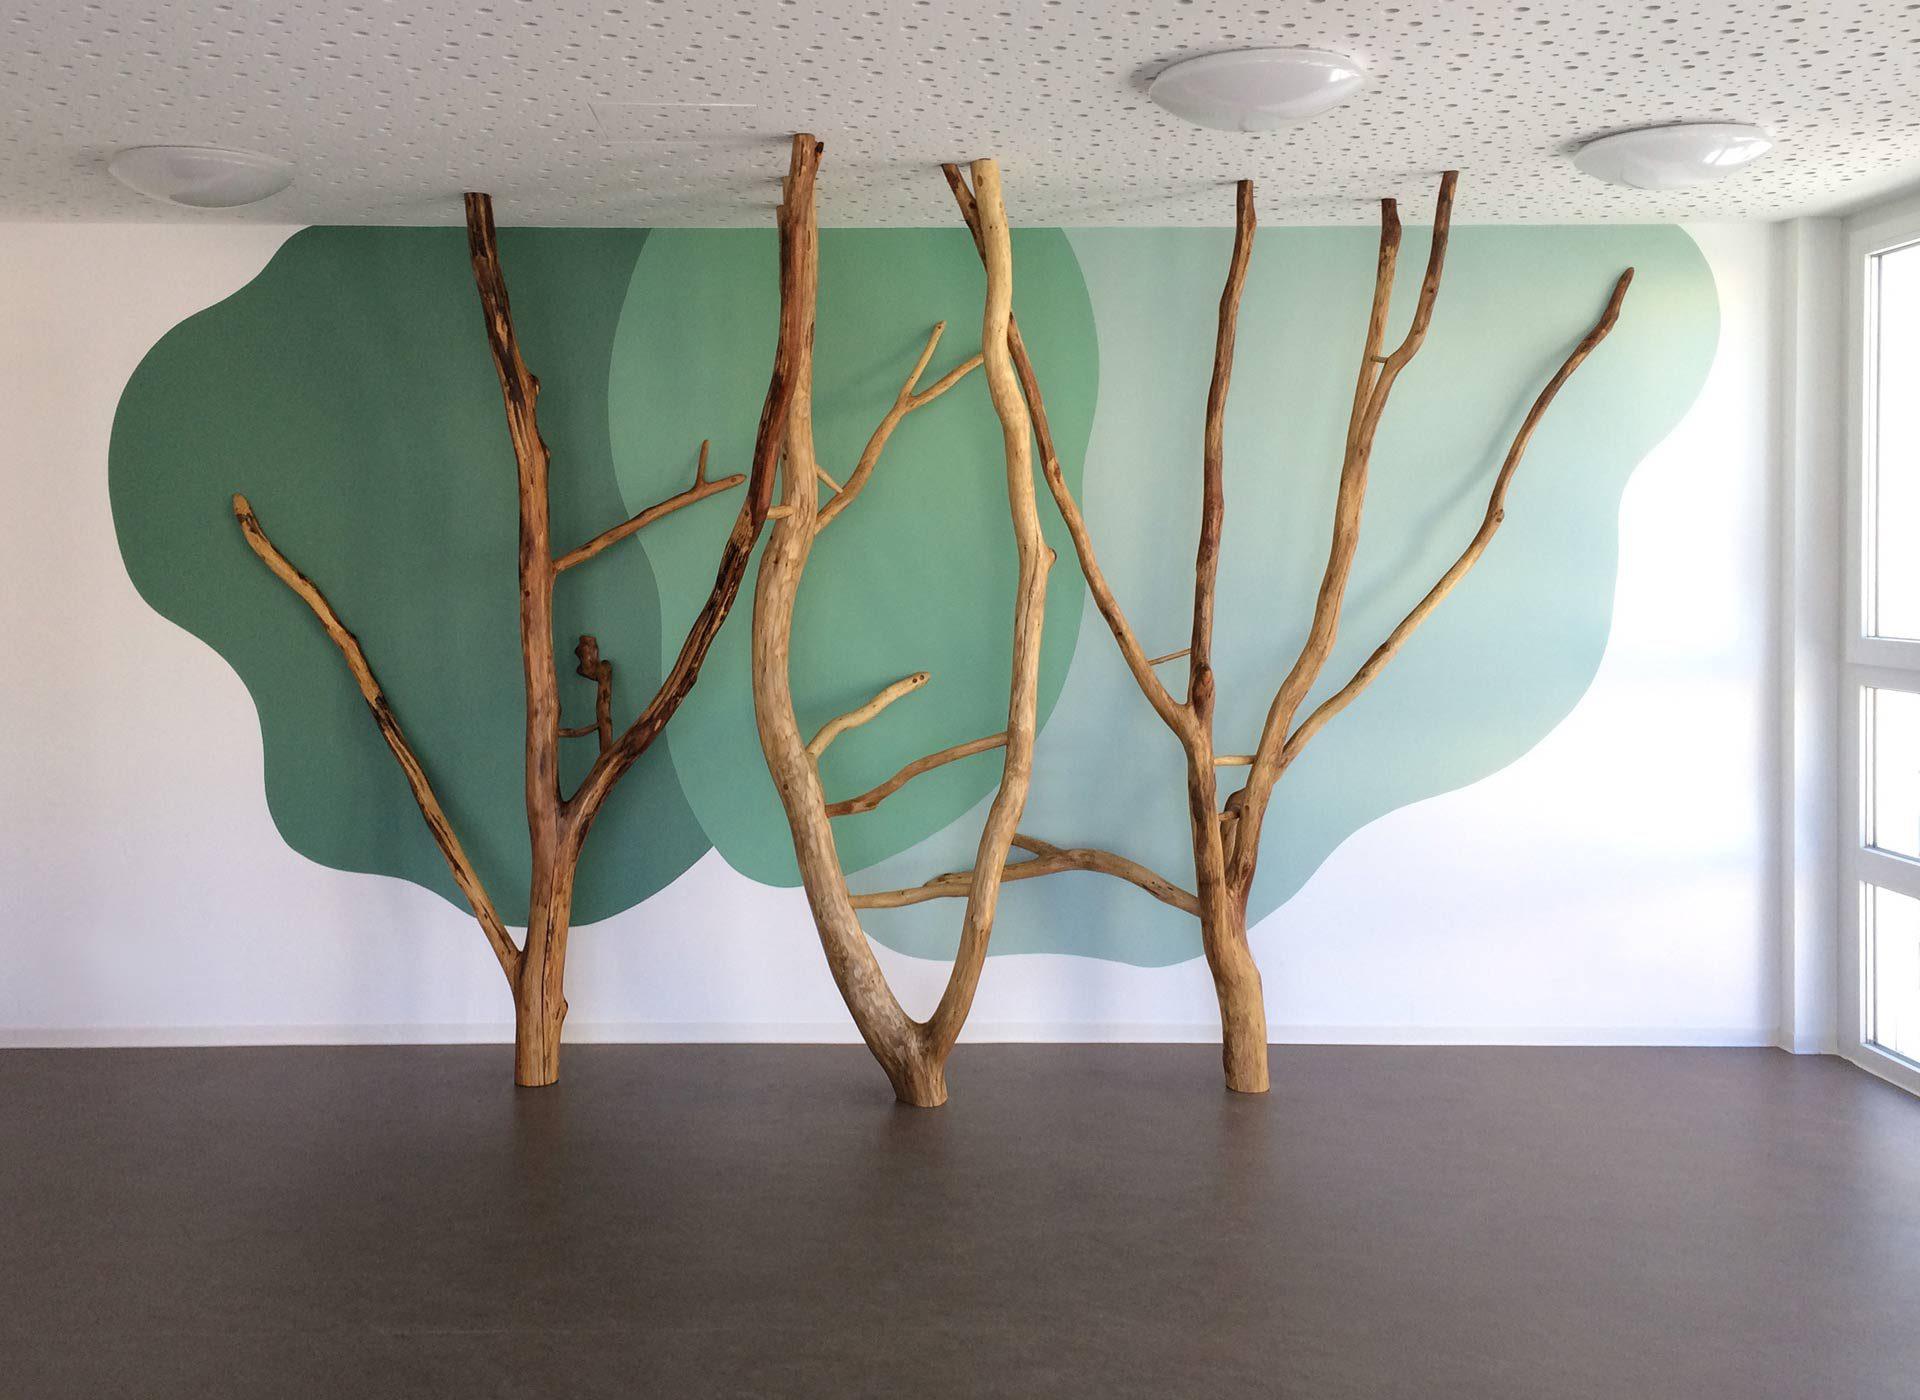 papoq-kletterbaum-holz-02